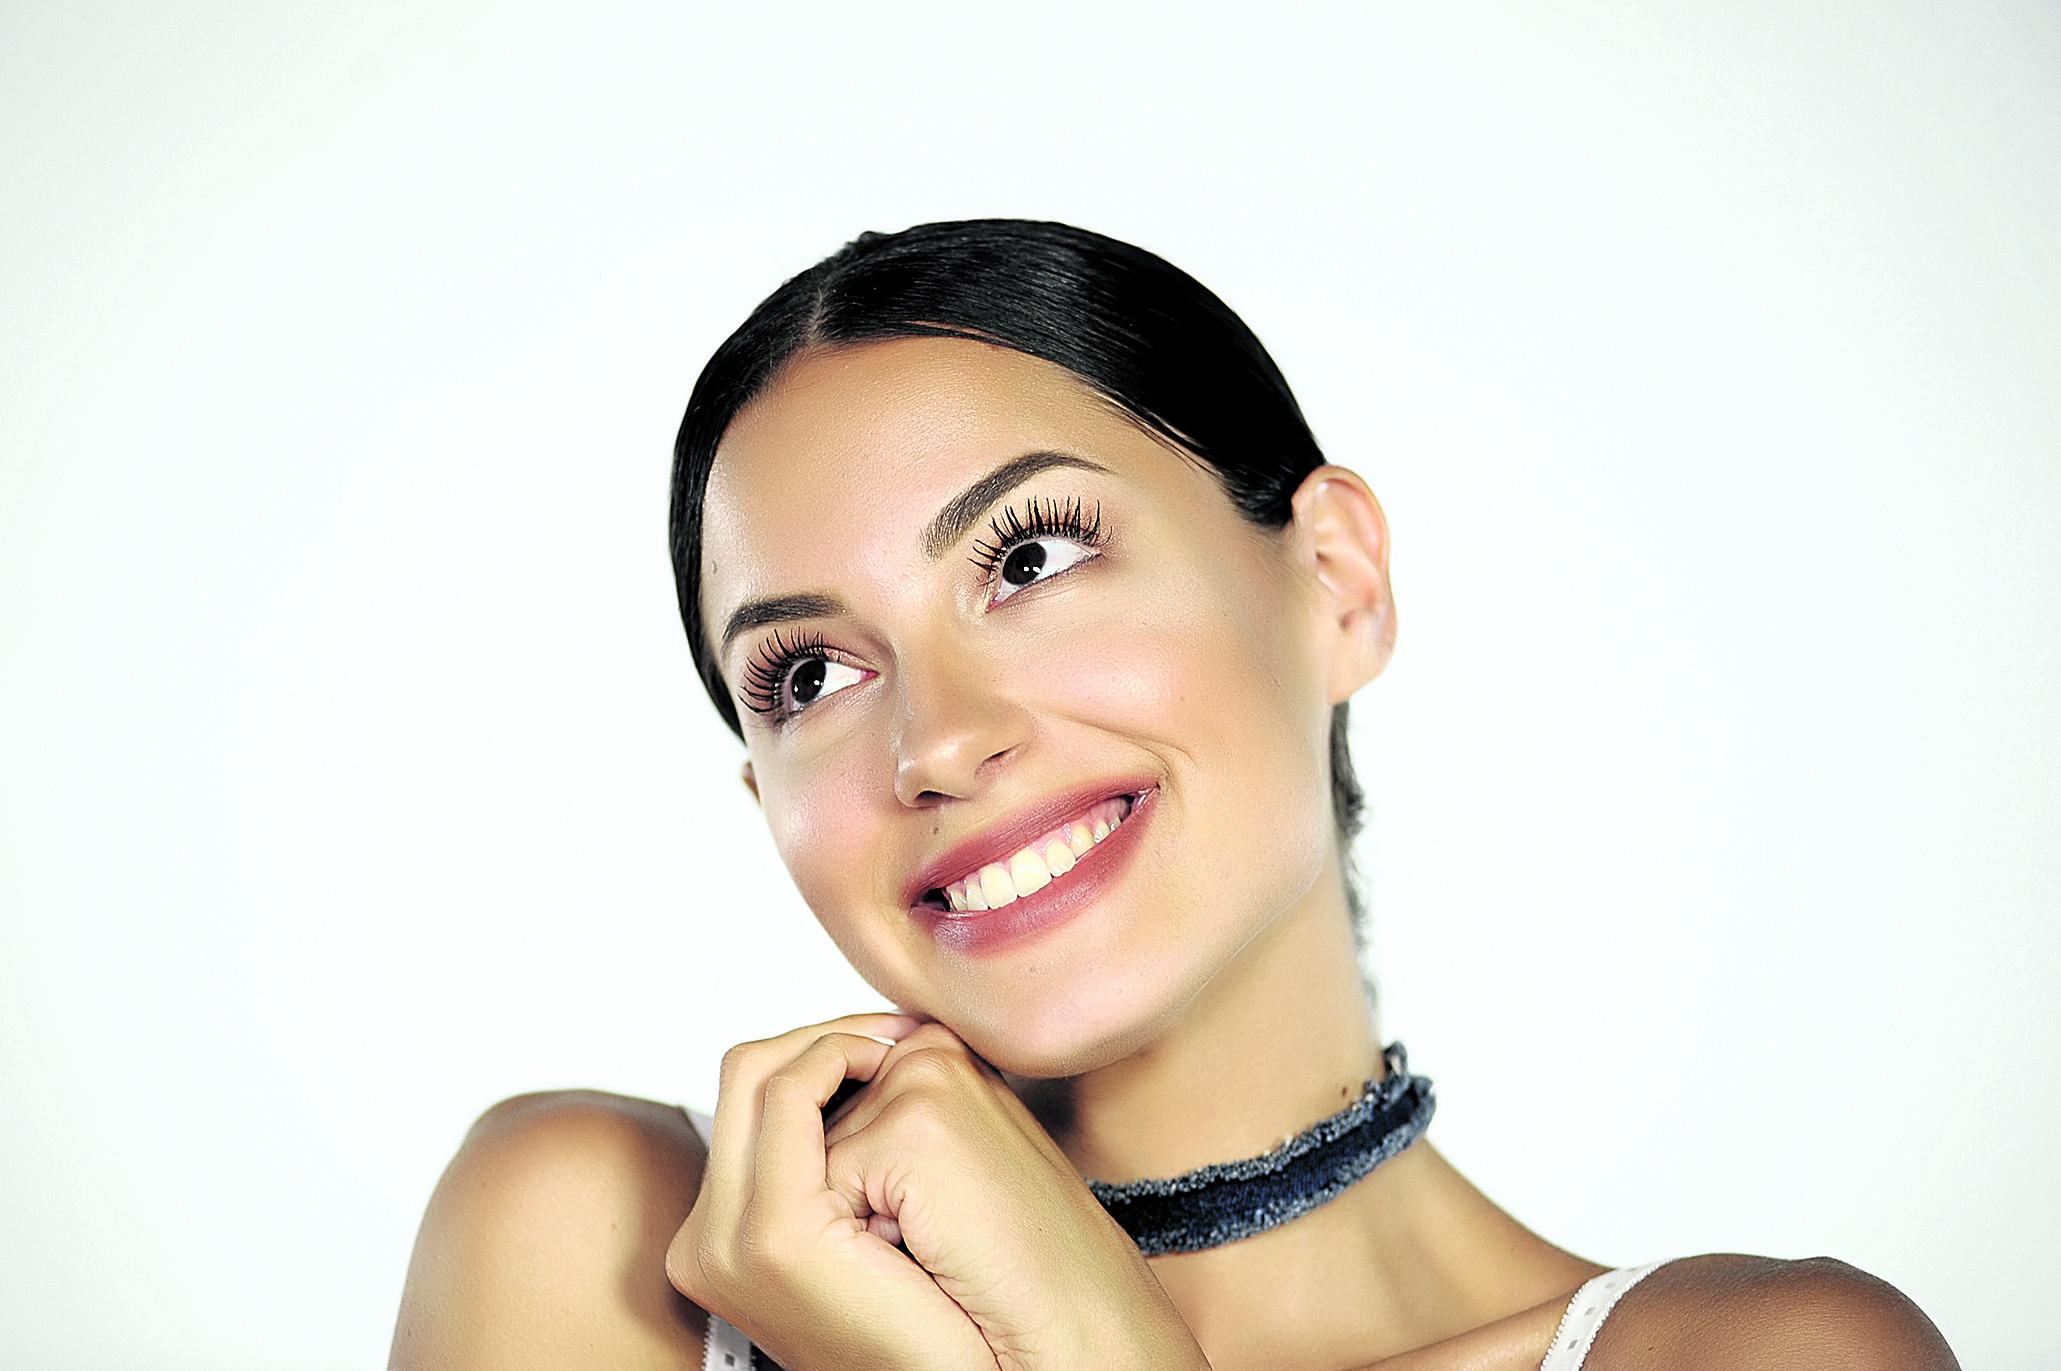 Sara Jo važi za jednu od najlepših devojaka sa javne scene, a tek da vidite kako izgleda njena MAJKA!